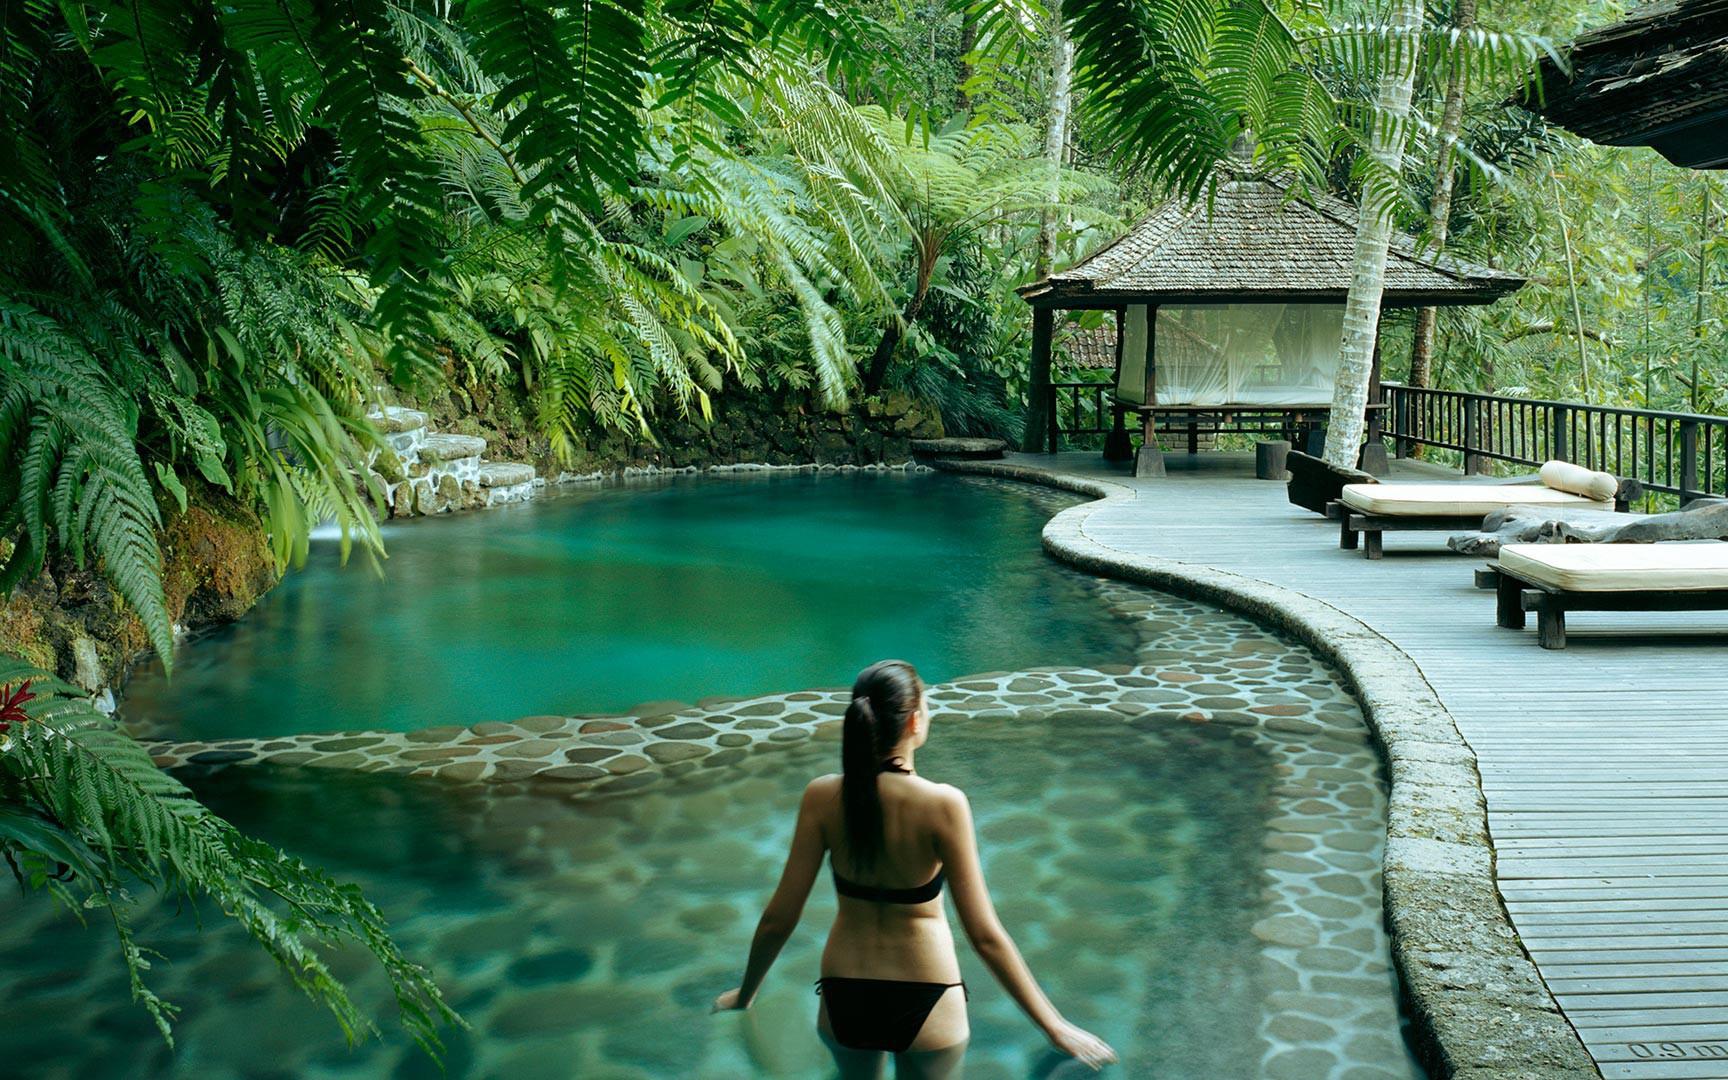 Ngoài Bali, Maldives, đâu là những hòn đảo nhất định phải đến trong năm 2020?